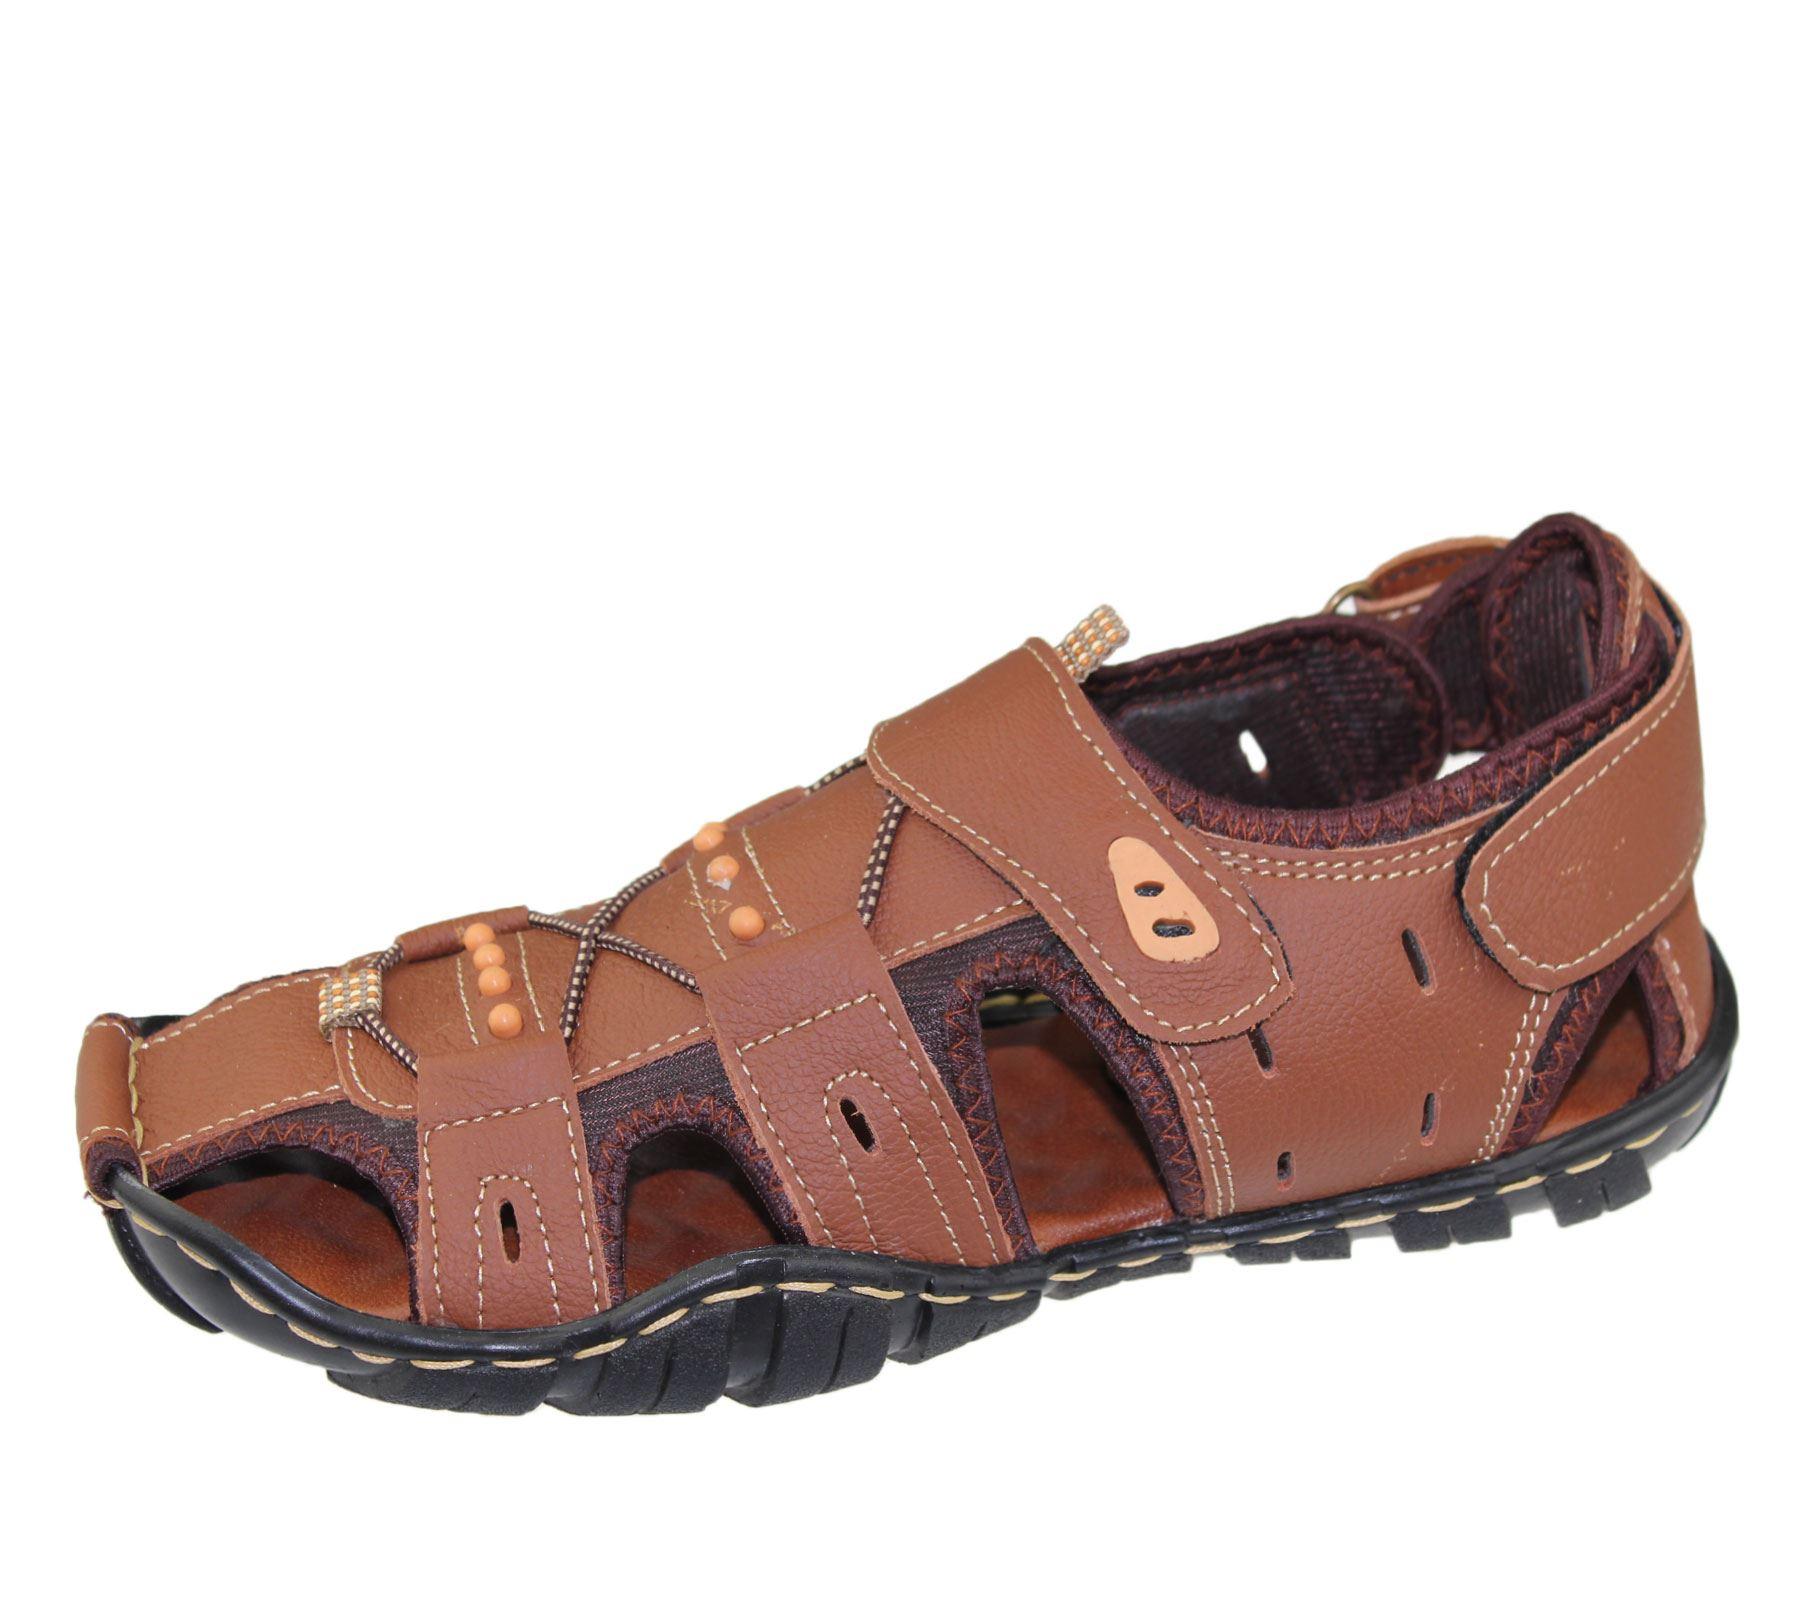 Mens-Sandal-Beach-Buckle-Walking-Fashion-Summer-Casual-Slipper miniatura 16